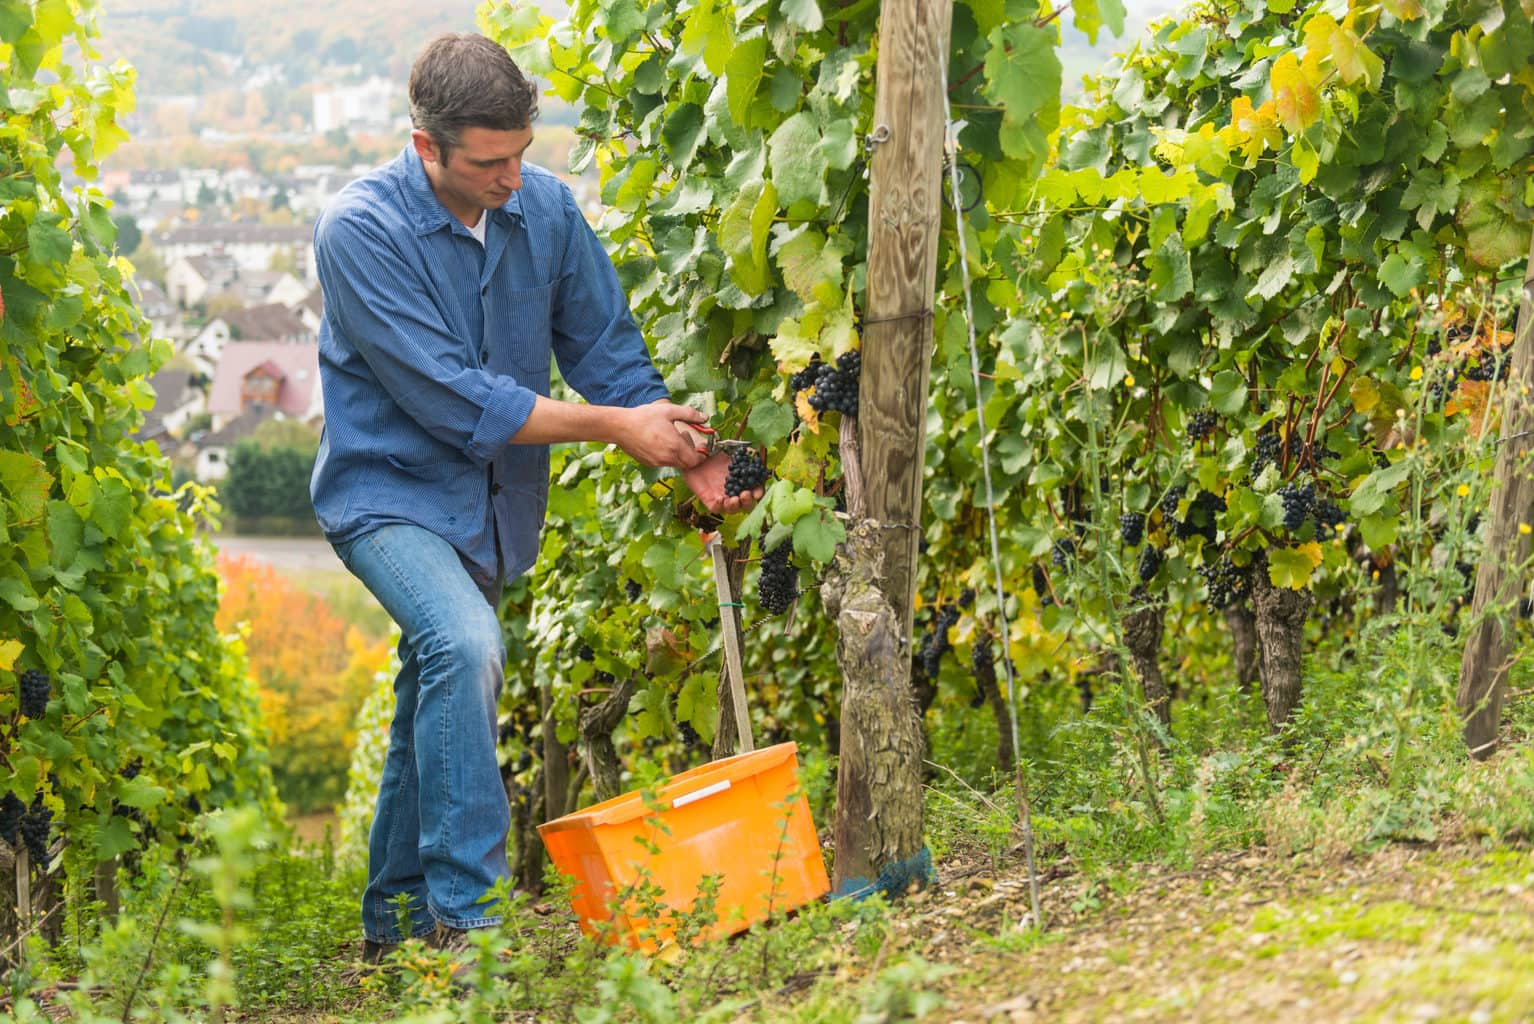 Een man tijdens de wijnoogst in het vallei van de Ahr in Rijnland-Palts in Duitsland in de herfst